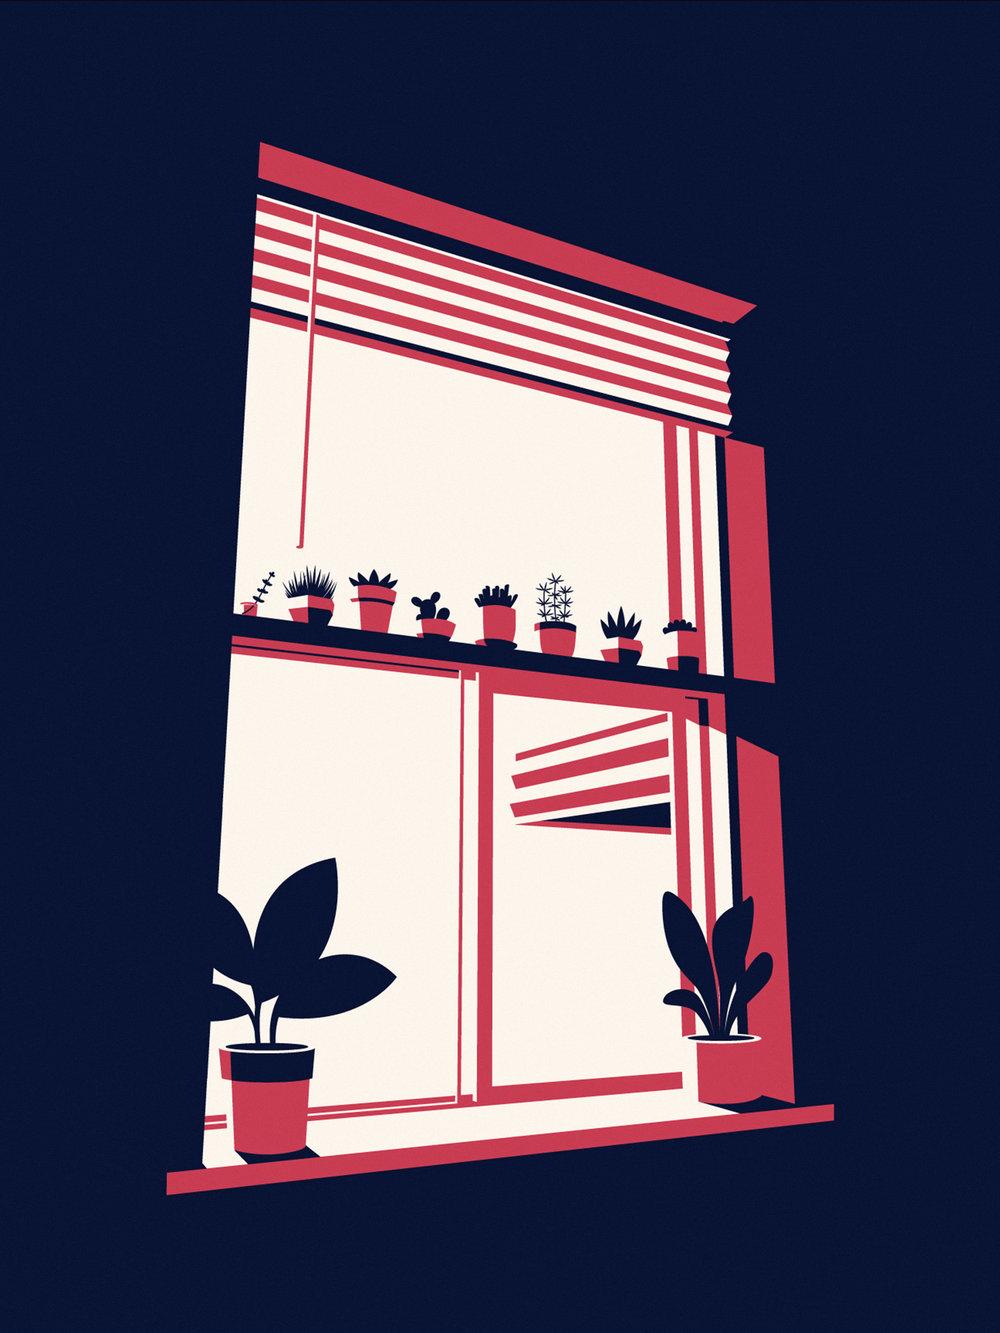 WindowFoliagebyDandersen.jpg